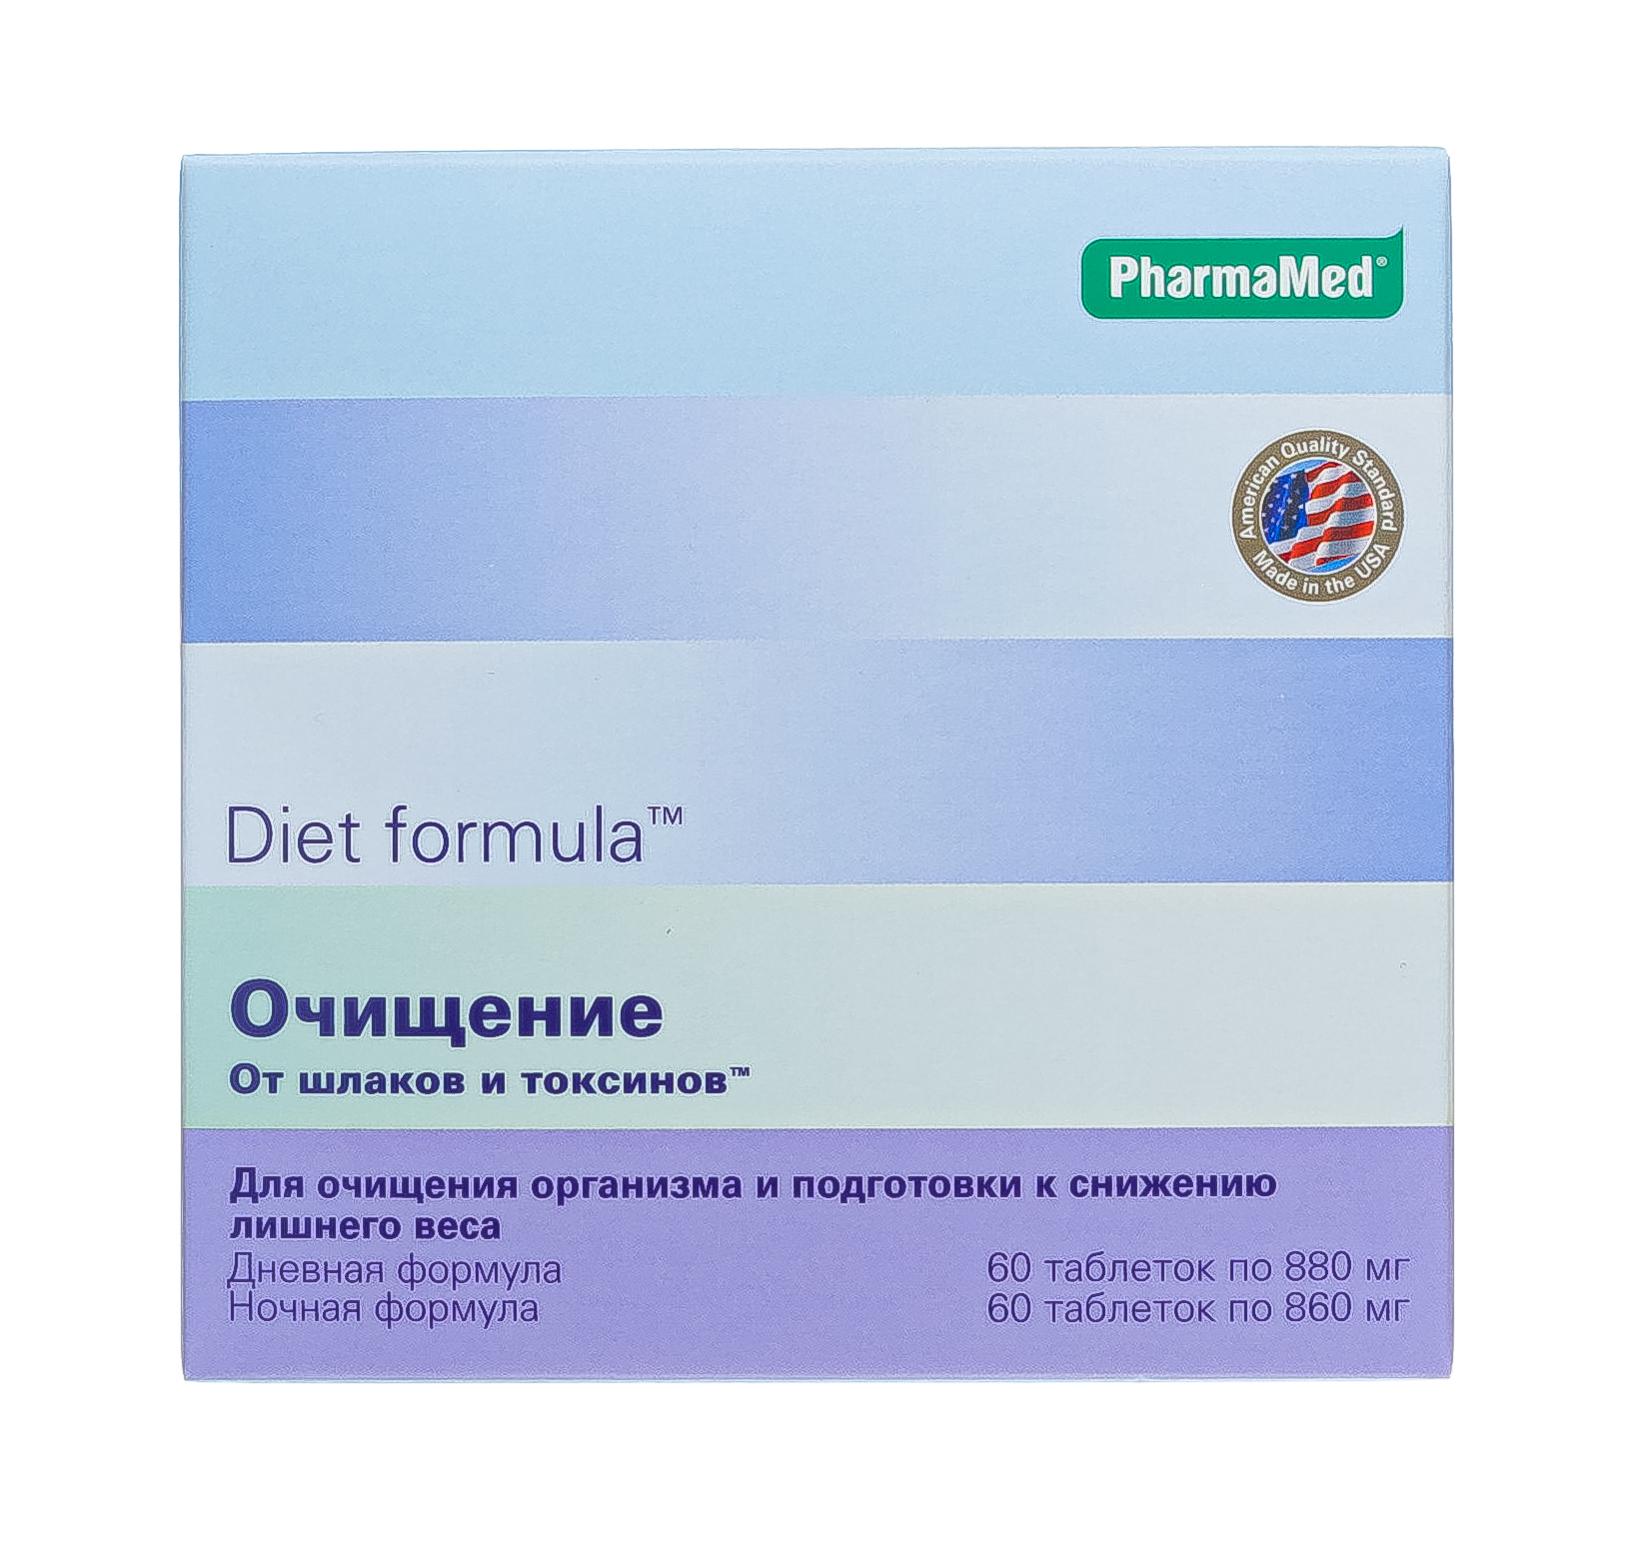 Diet Formula Очищение от шлаков и токсинов дневная+ночная формула в таблетках, 60*2 шт. (Diet Formula, )